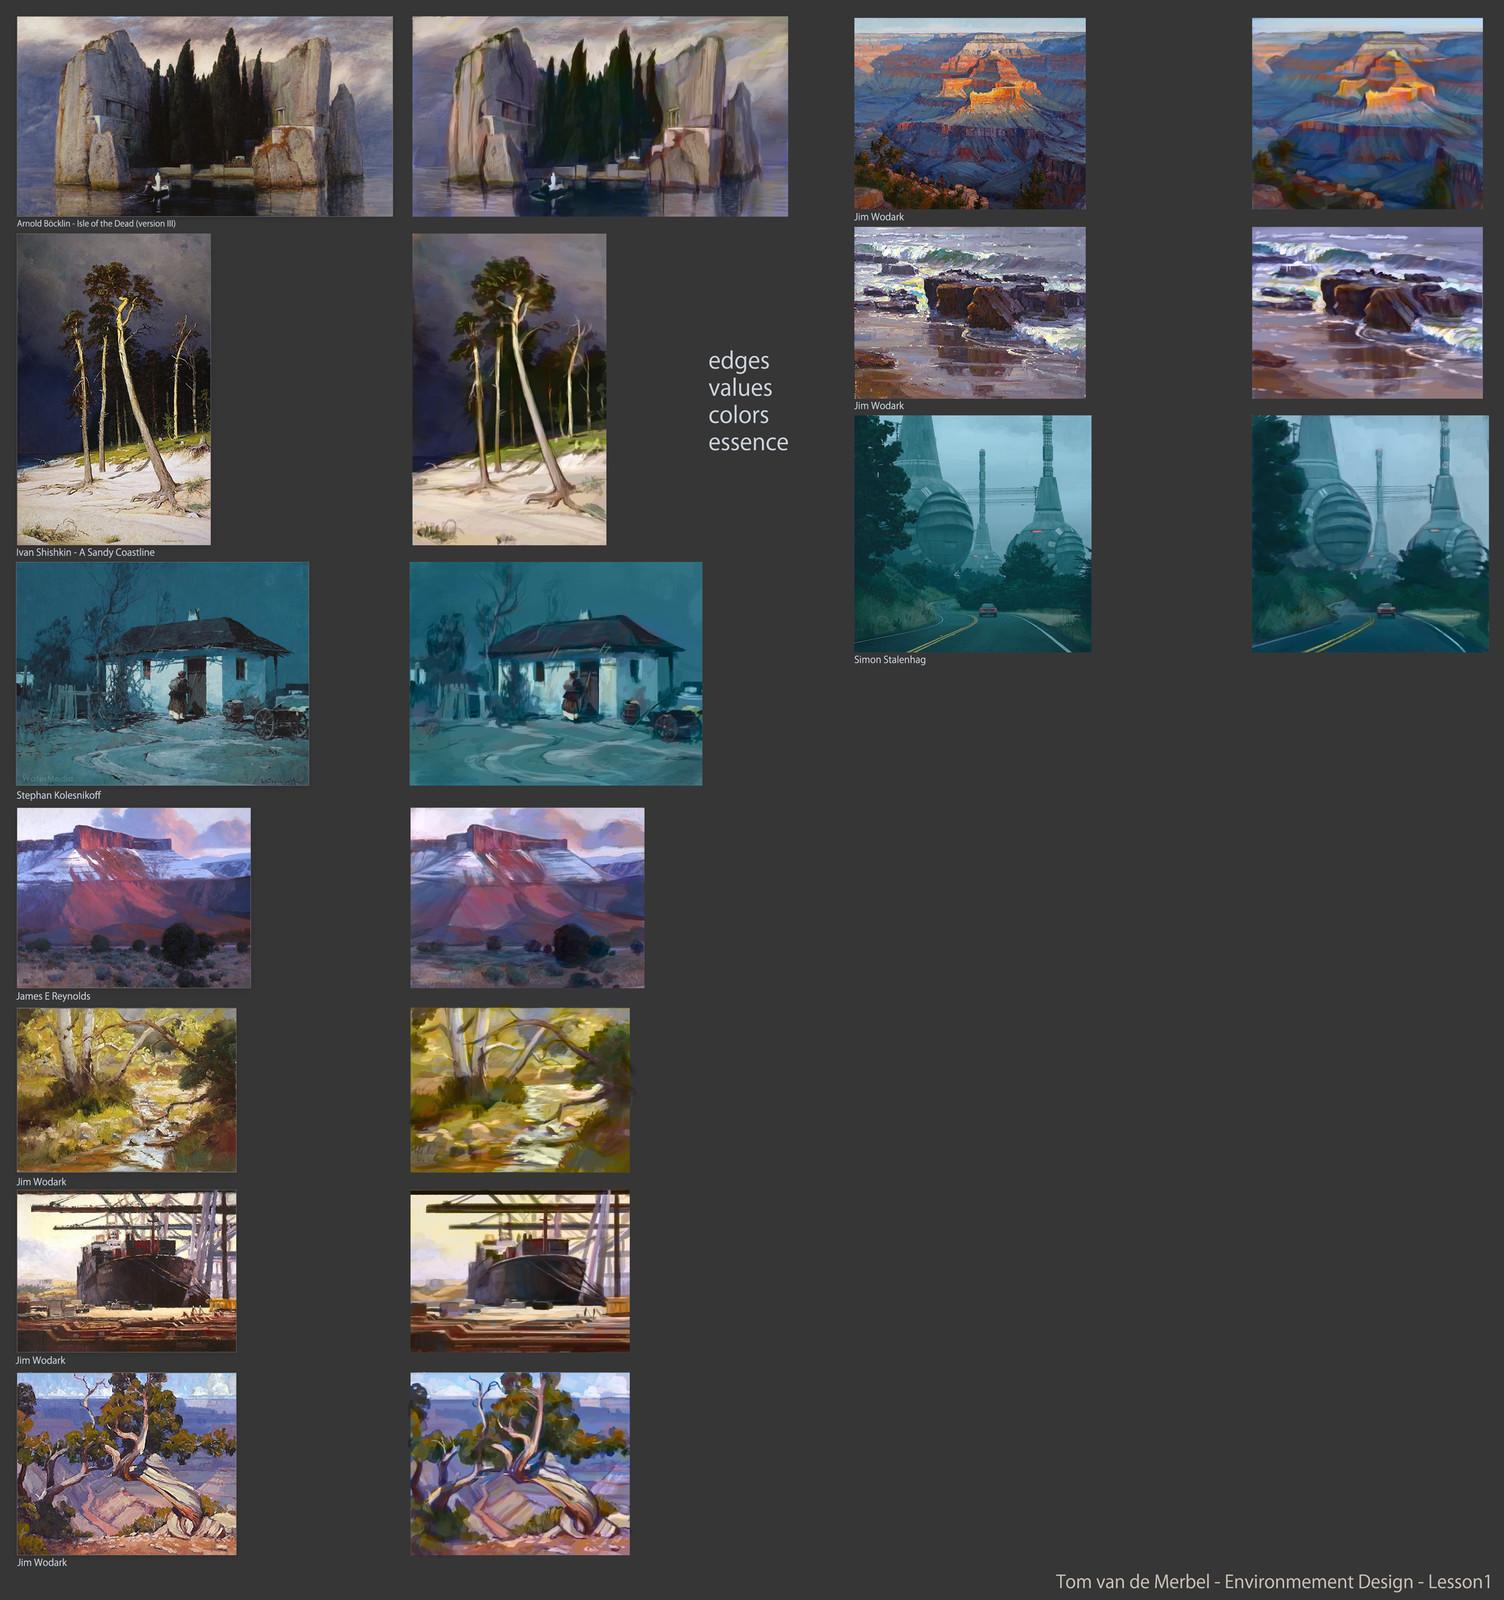 1h Thumbnail studies from: Arnold Böcklin Ivan Shishkin Stephan Kolesnikoff James E Reynolds Jim Wodark Jim Wodark Jim Wodark Jim Wodark Jim Wodark Simon Stalenhag